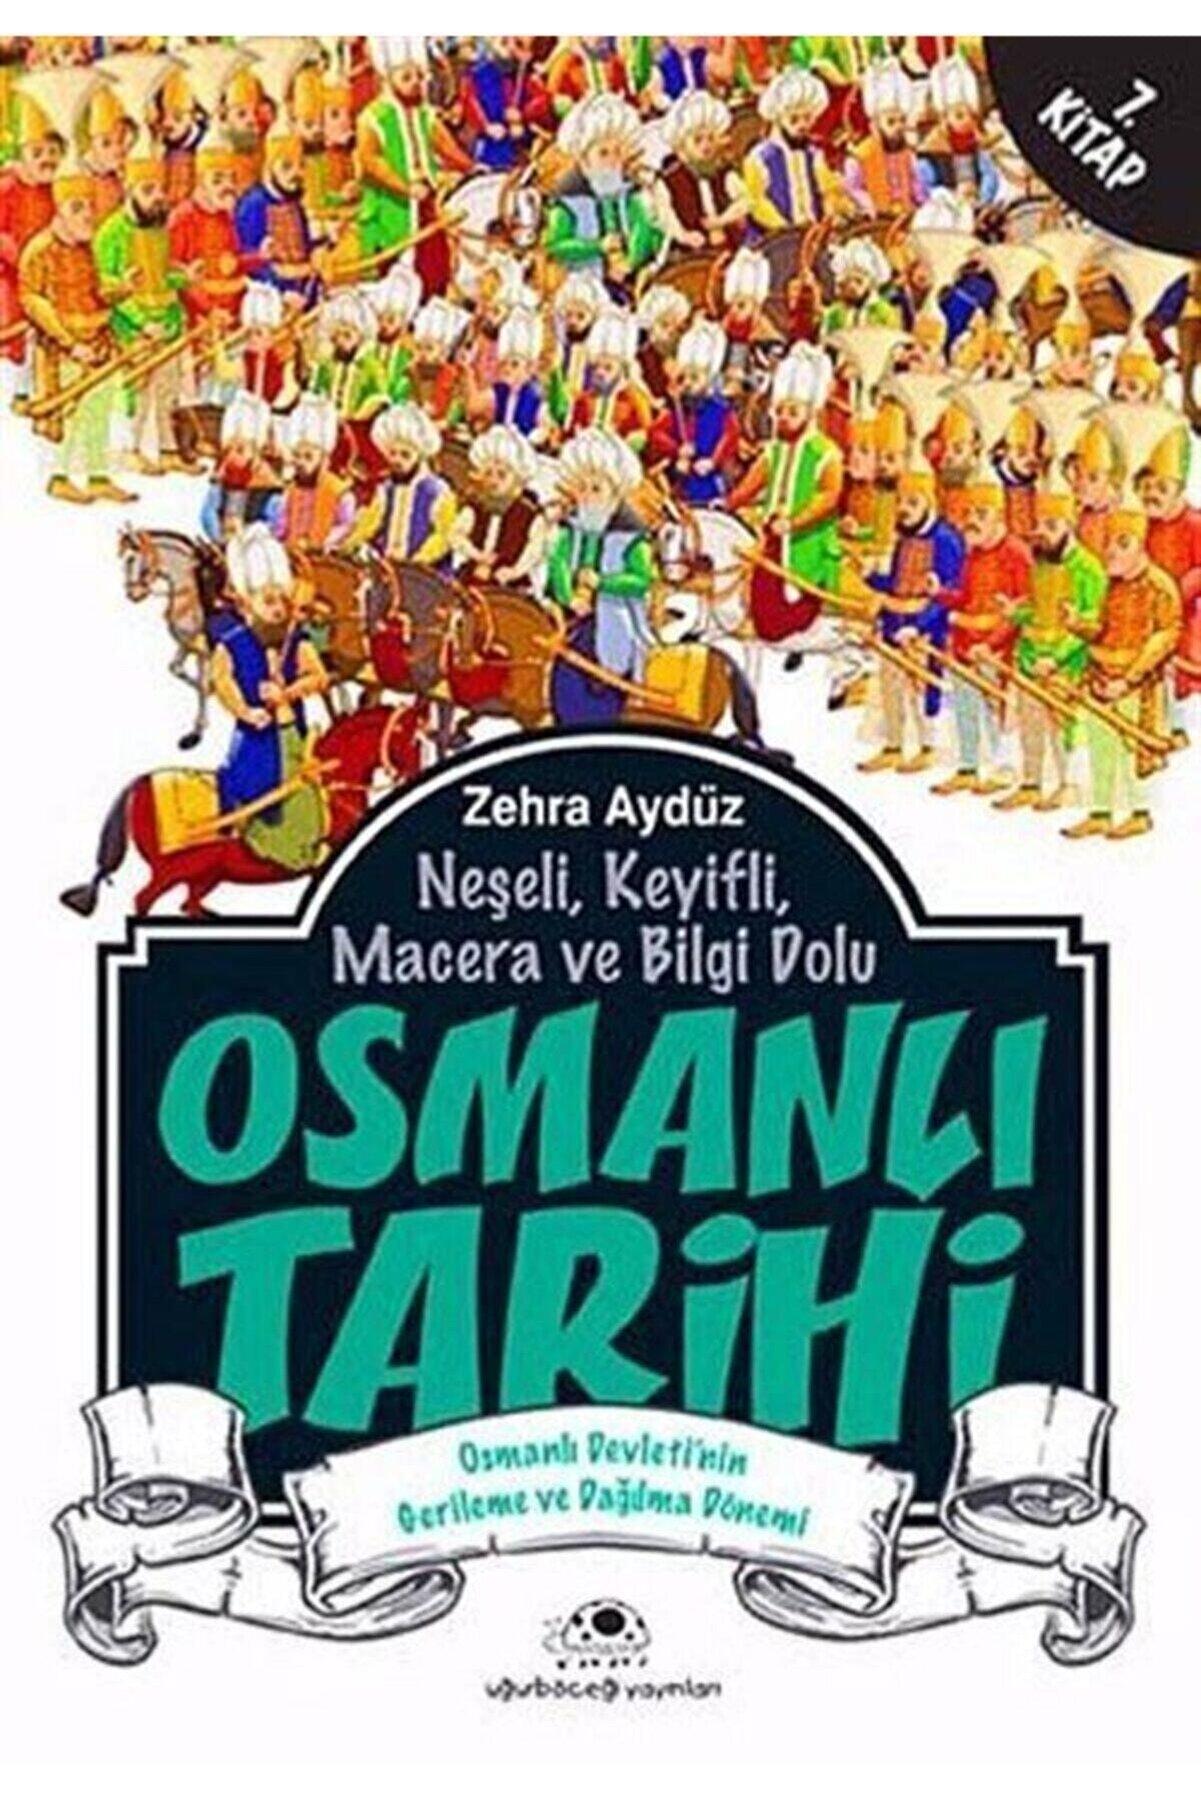 Uğurböceği Yayınları Neşeli, Keyifli, Macera ve Bilgi Dolu Osmanlı Tarihi -7. Kitap